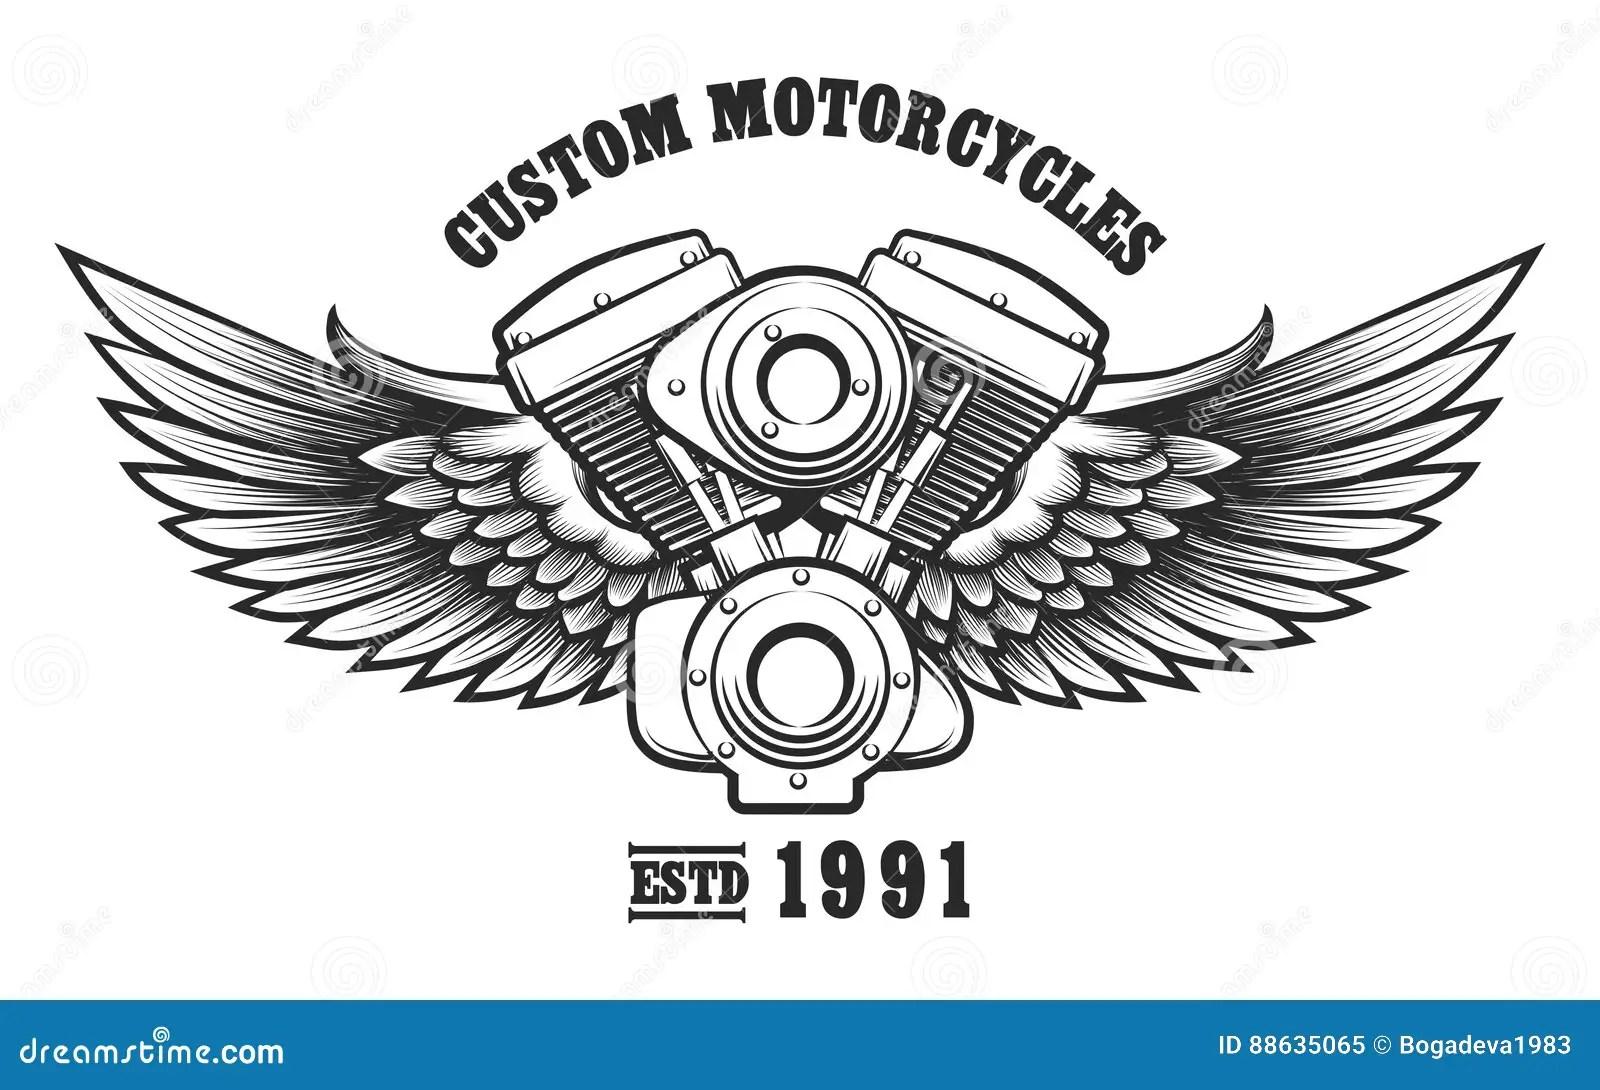 Bmw 528i Symbol